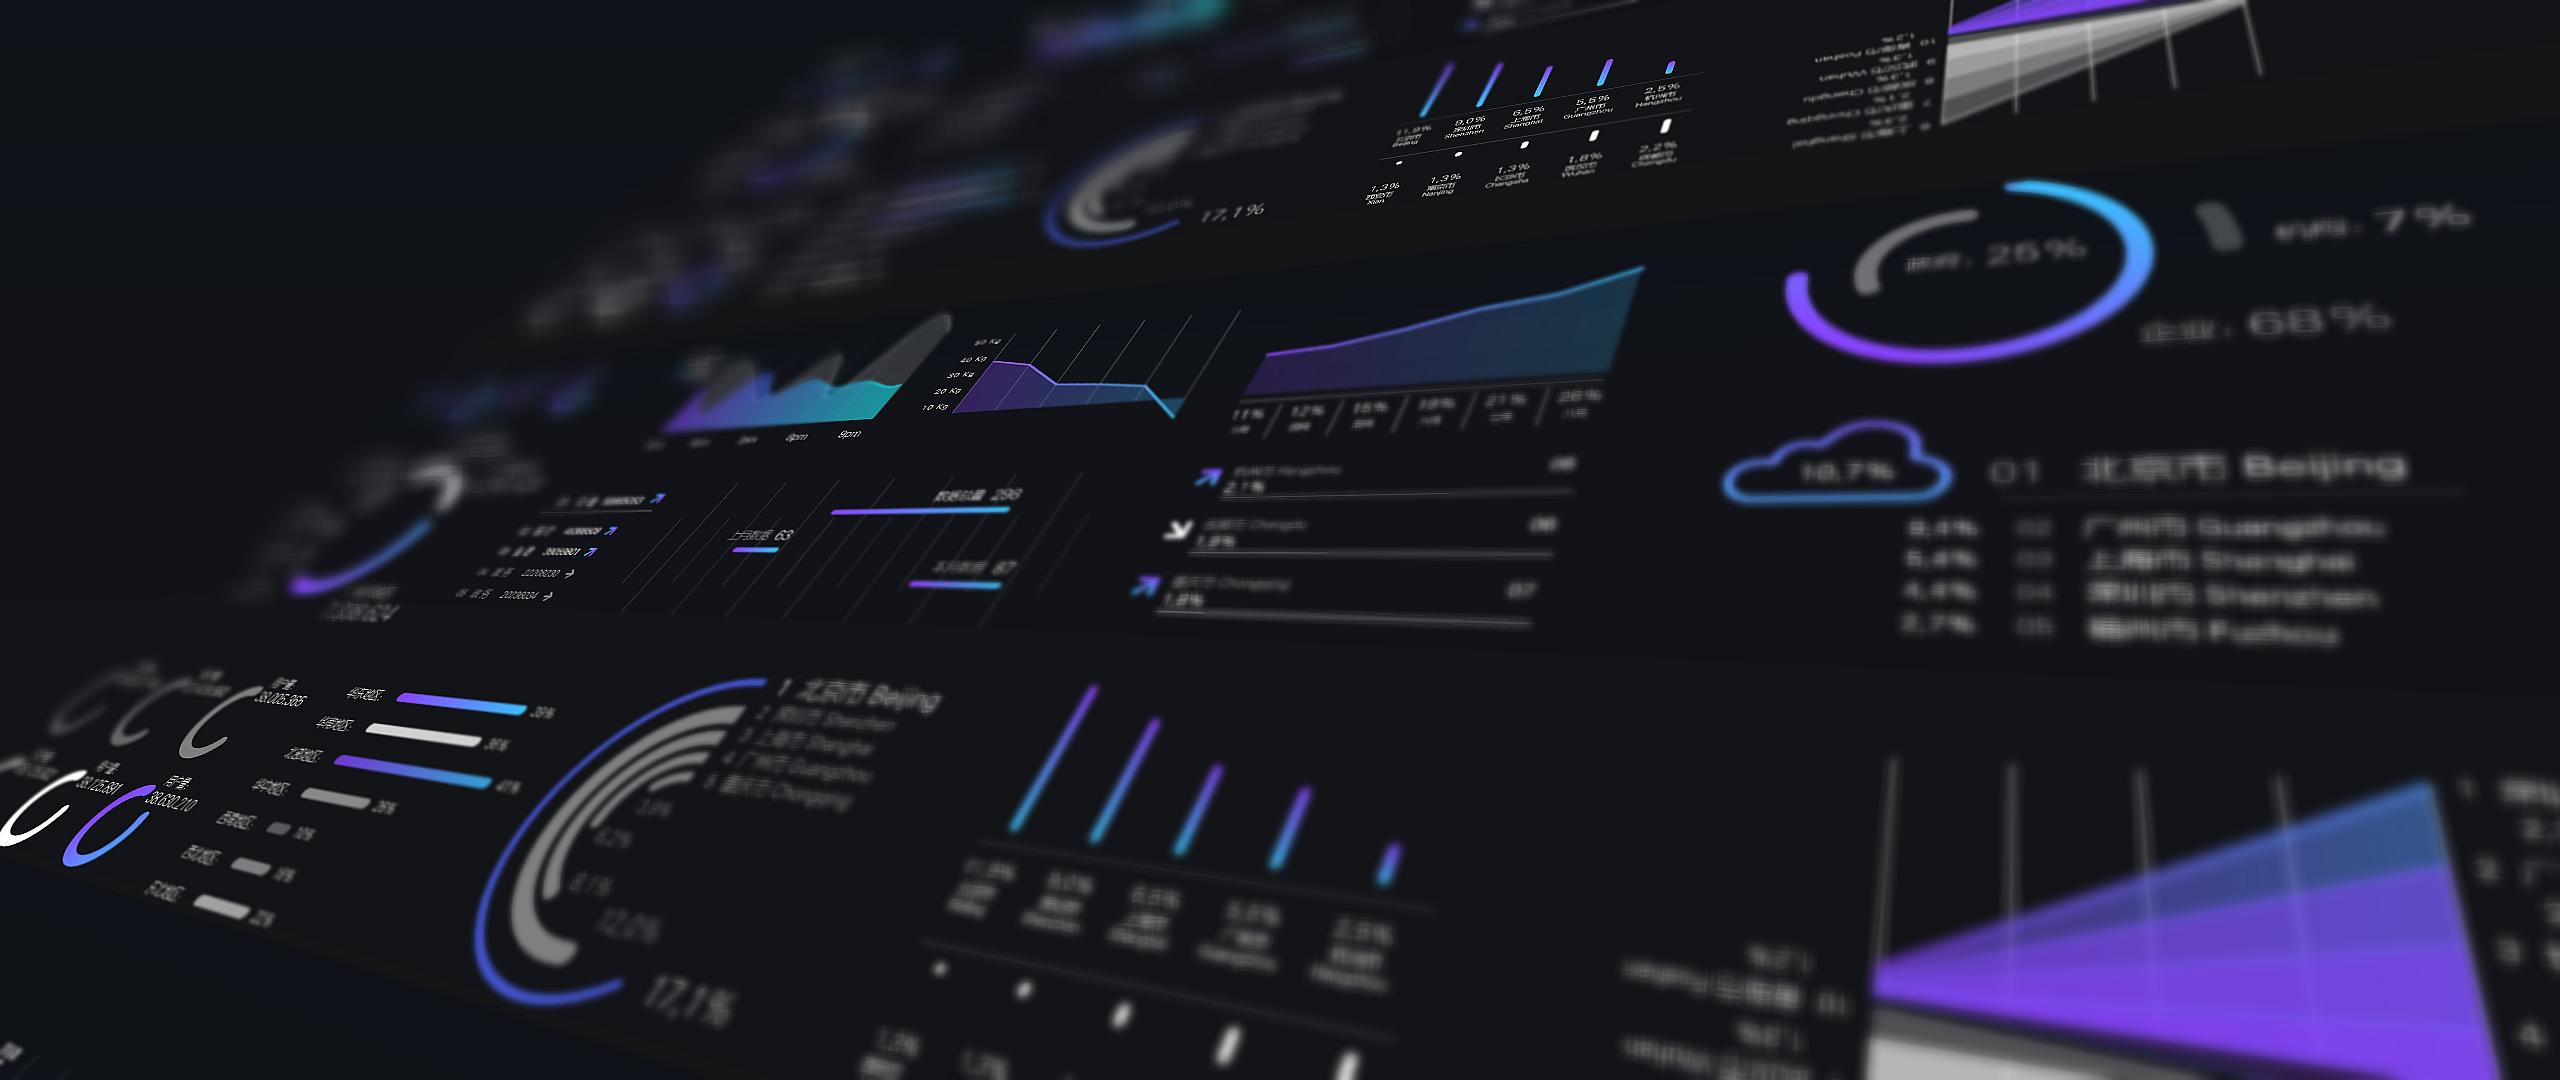 """国际资讯_""""连接中国""""数据信息可视化UI设计 - 视觉同盟(VisionUnion.com)"""